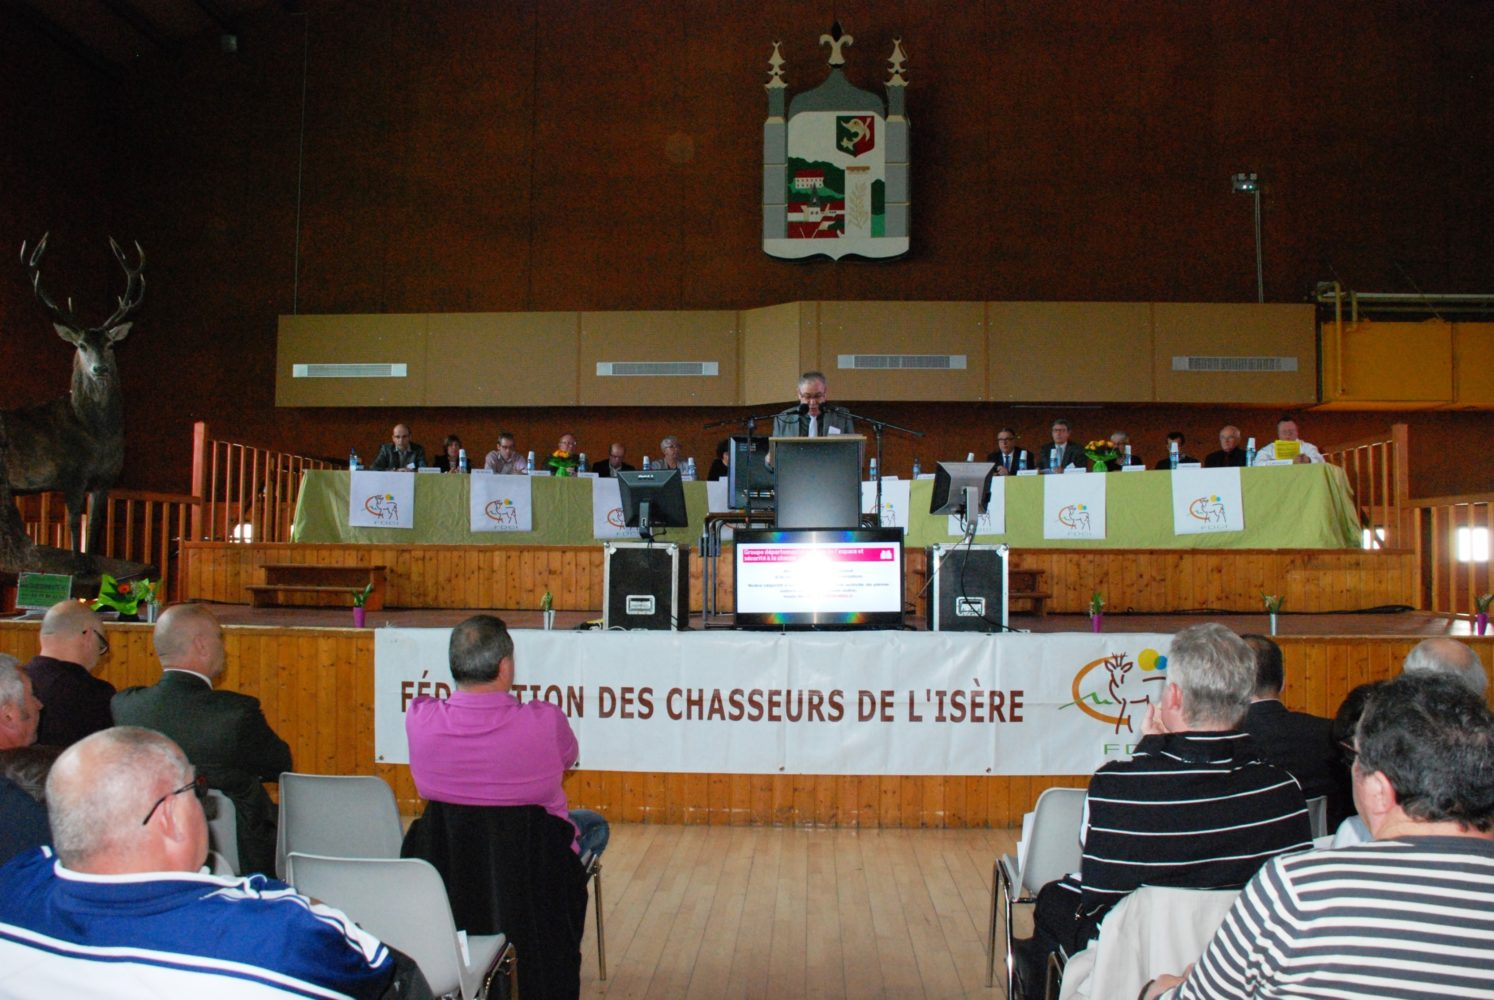 Samedi 29 avril: Assemblée-Générale des Chasseurs de l'Isère à Vif